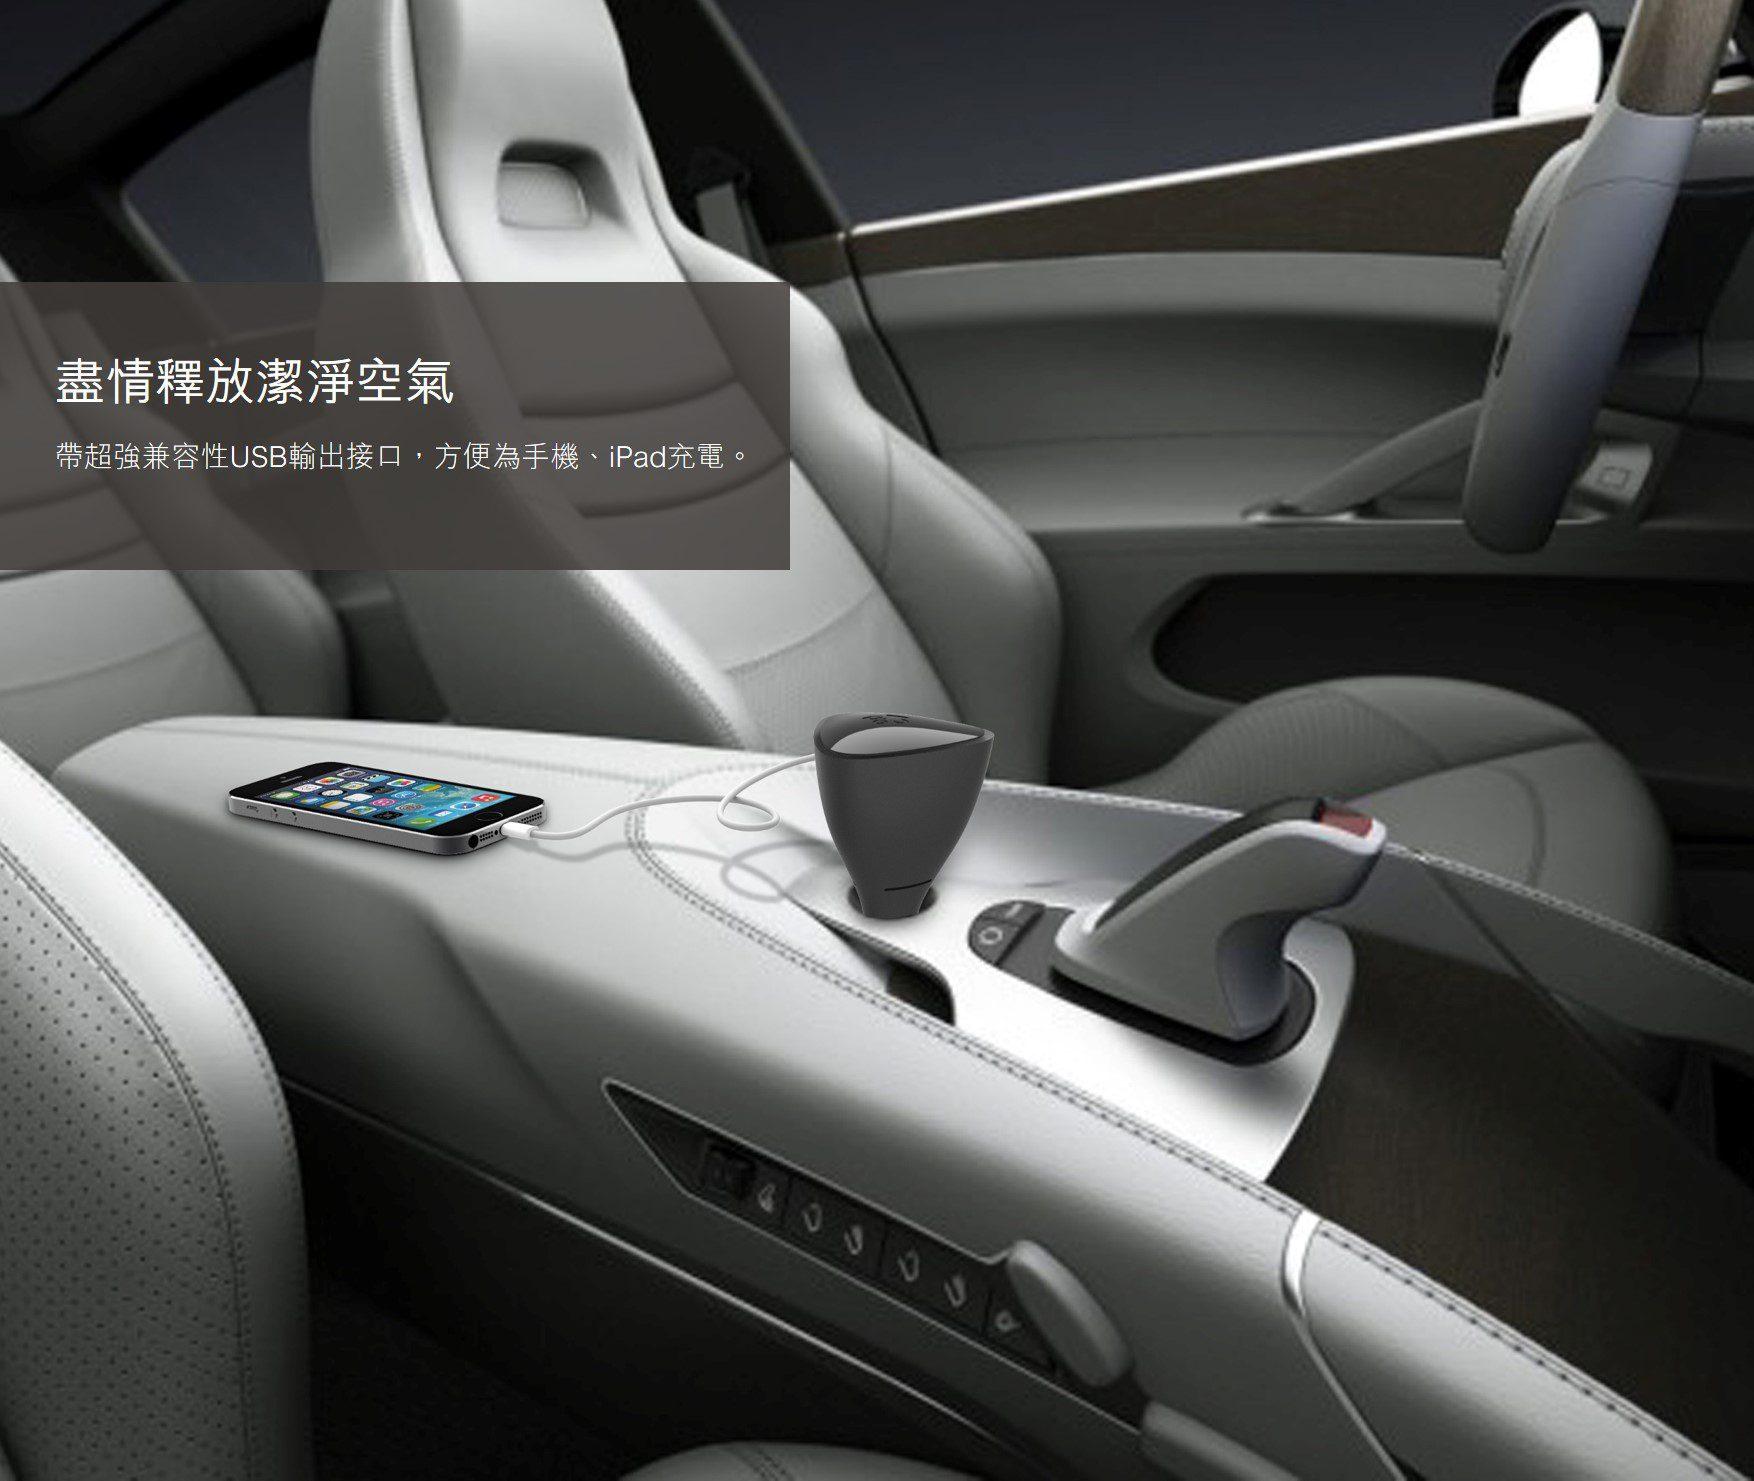 ET Alien Car Ionizer GW3806